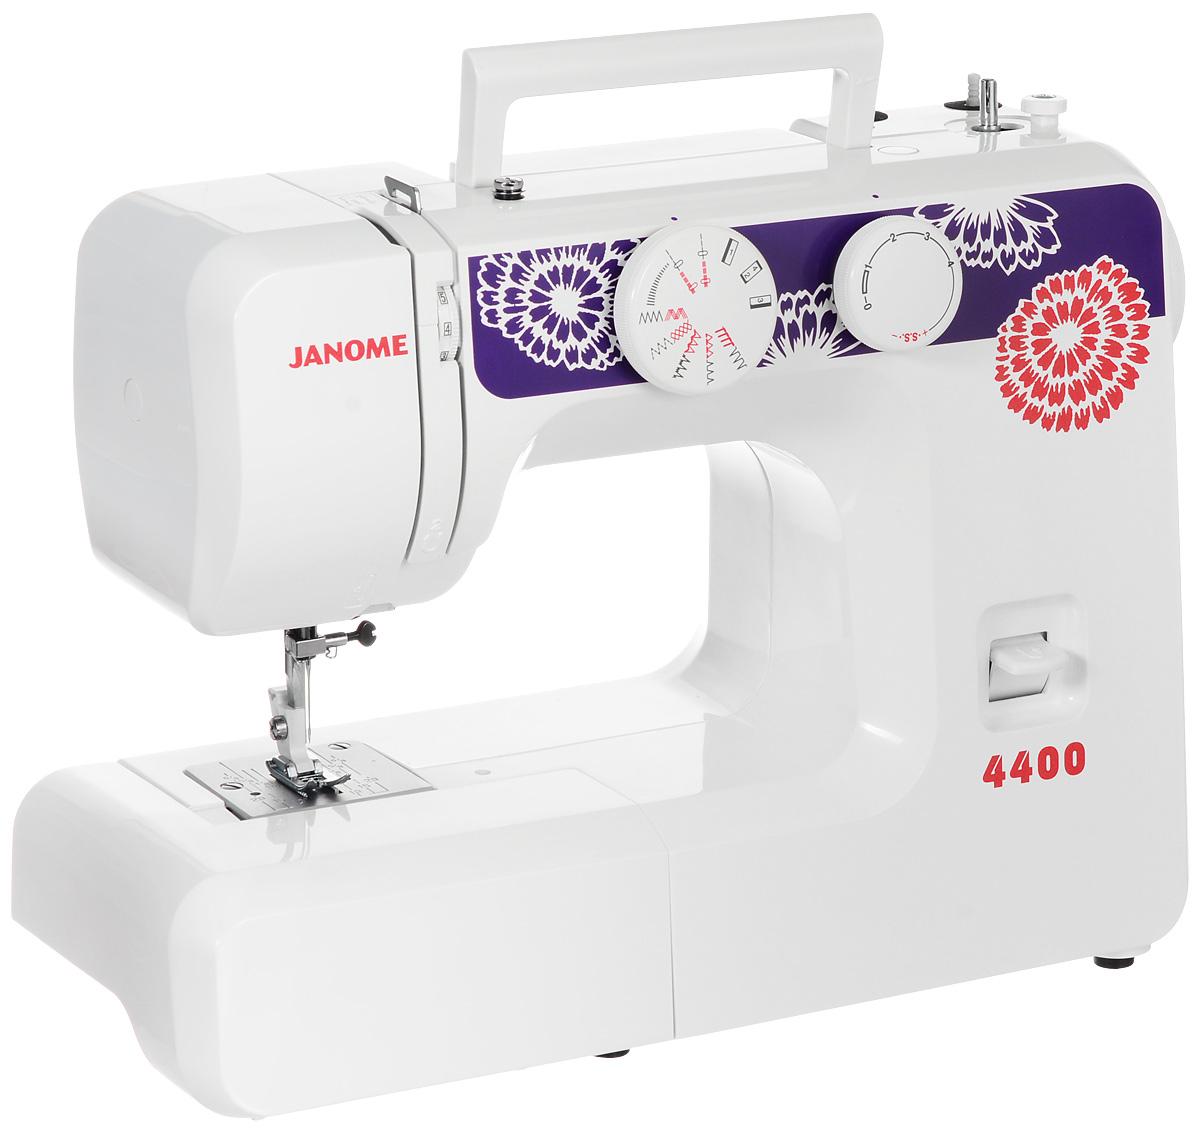 Janome 4400 швейная машинаJanome4400Janome 4400 - это простая высококачественная швейная машина с оригинальным дизайном и 15 операциями. Она легко прошивает тонкие и средние материалы. Данная модель поможет вам в освоении швейных машинок, если вы никогда ими не пользовались. Машина может выполнять большое количество строчек: оверлочную, потайную, эластичную, эластичную потайную. Максимальная скорость с которой может работать Janome 4400 - 600 ст/мин. Закрепить строчку можно будет с помощью кнопки реверса: при включении этого режима шитье пойдет в обратном направлении. Также машина может измерять размер пуговиц и шить двойной иглой.